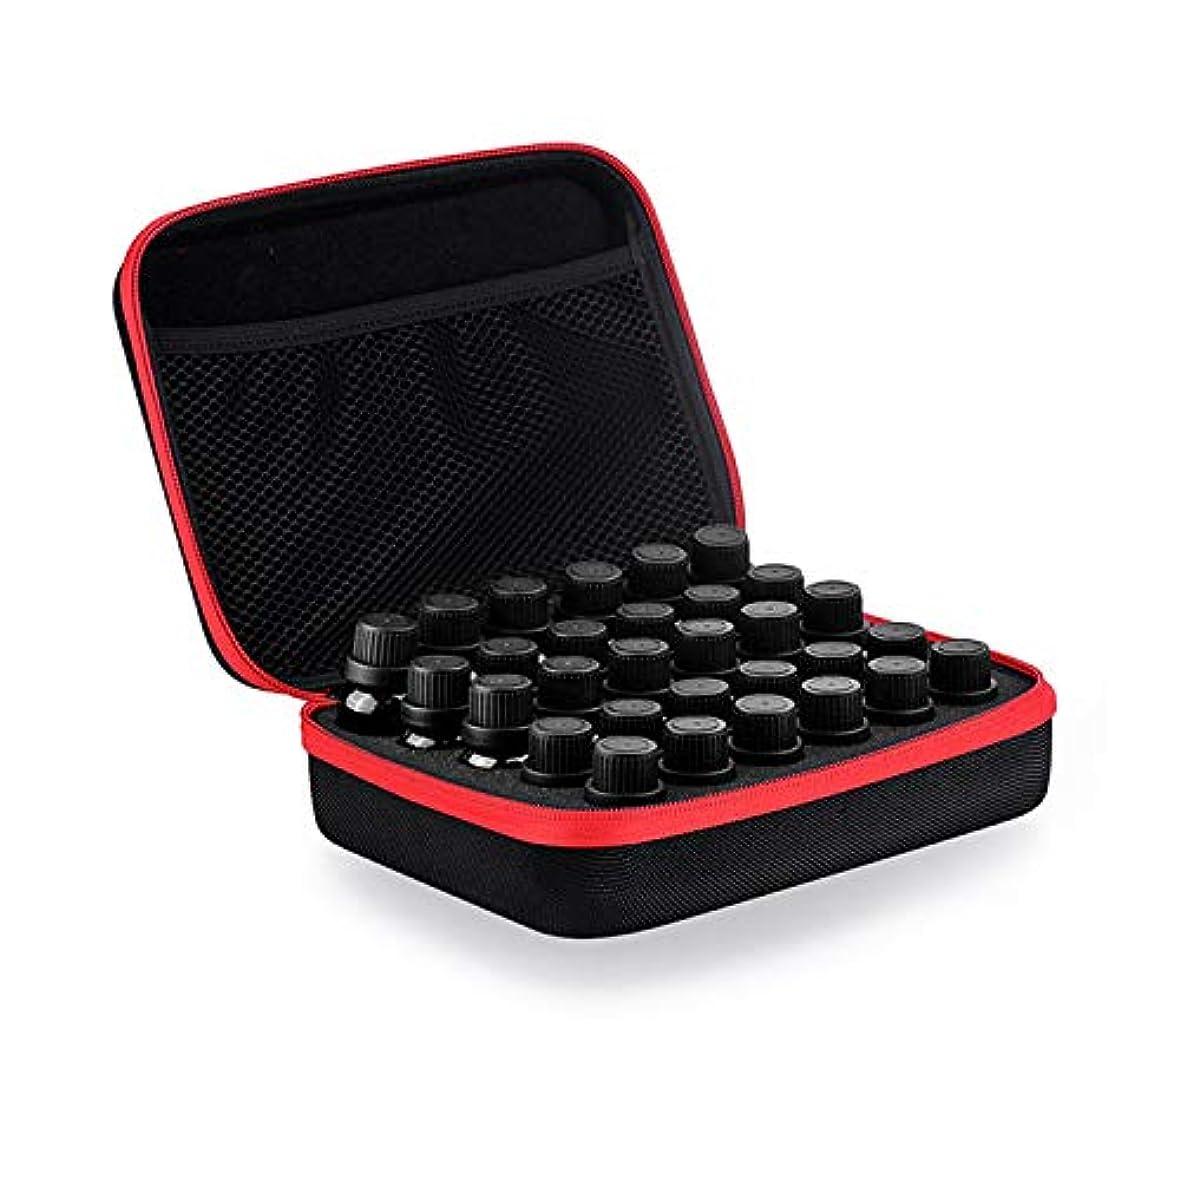 捧げるメロドラマティック沈黙Coteco 精油 ケース 化粧品袋30スロットボトルエッセンシャルオイルケース用保護5/10/15ミリリットルローラーエッセンシャルオイルバッグ 旅行 キャリング 収納オーガナイザー (赤)